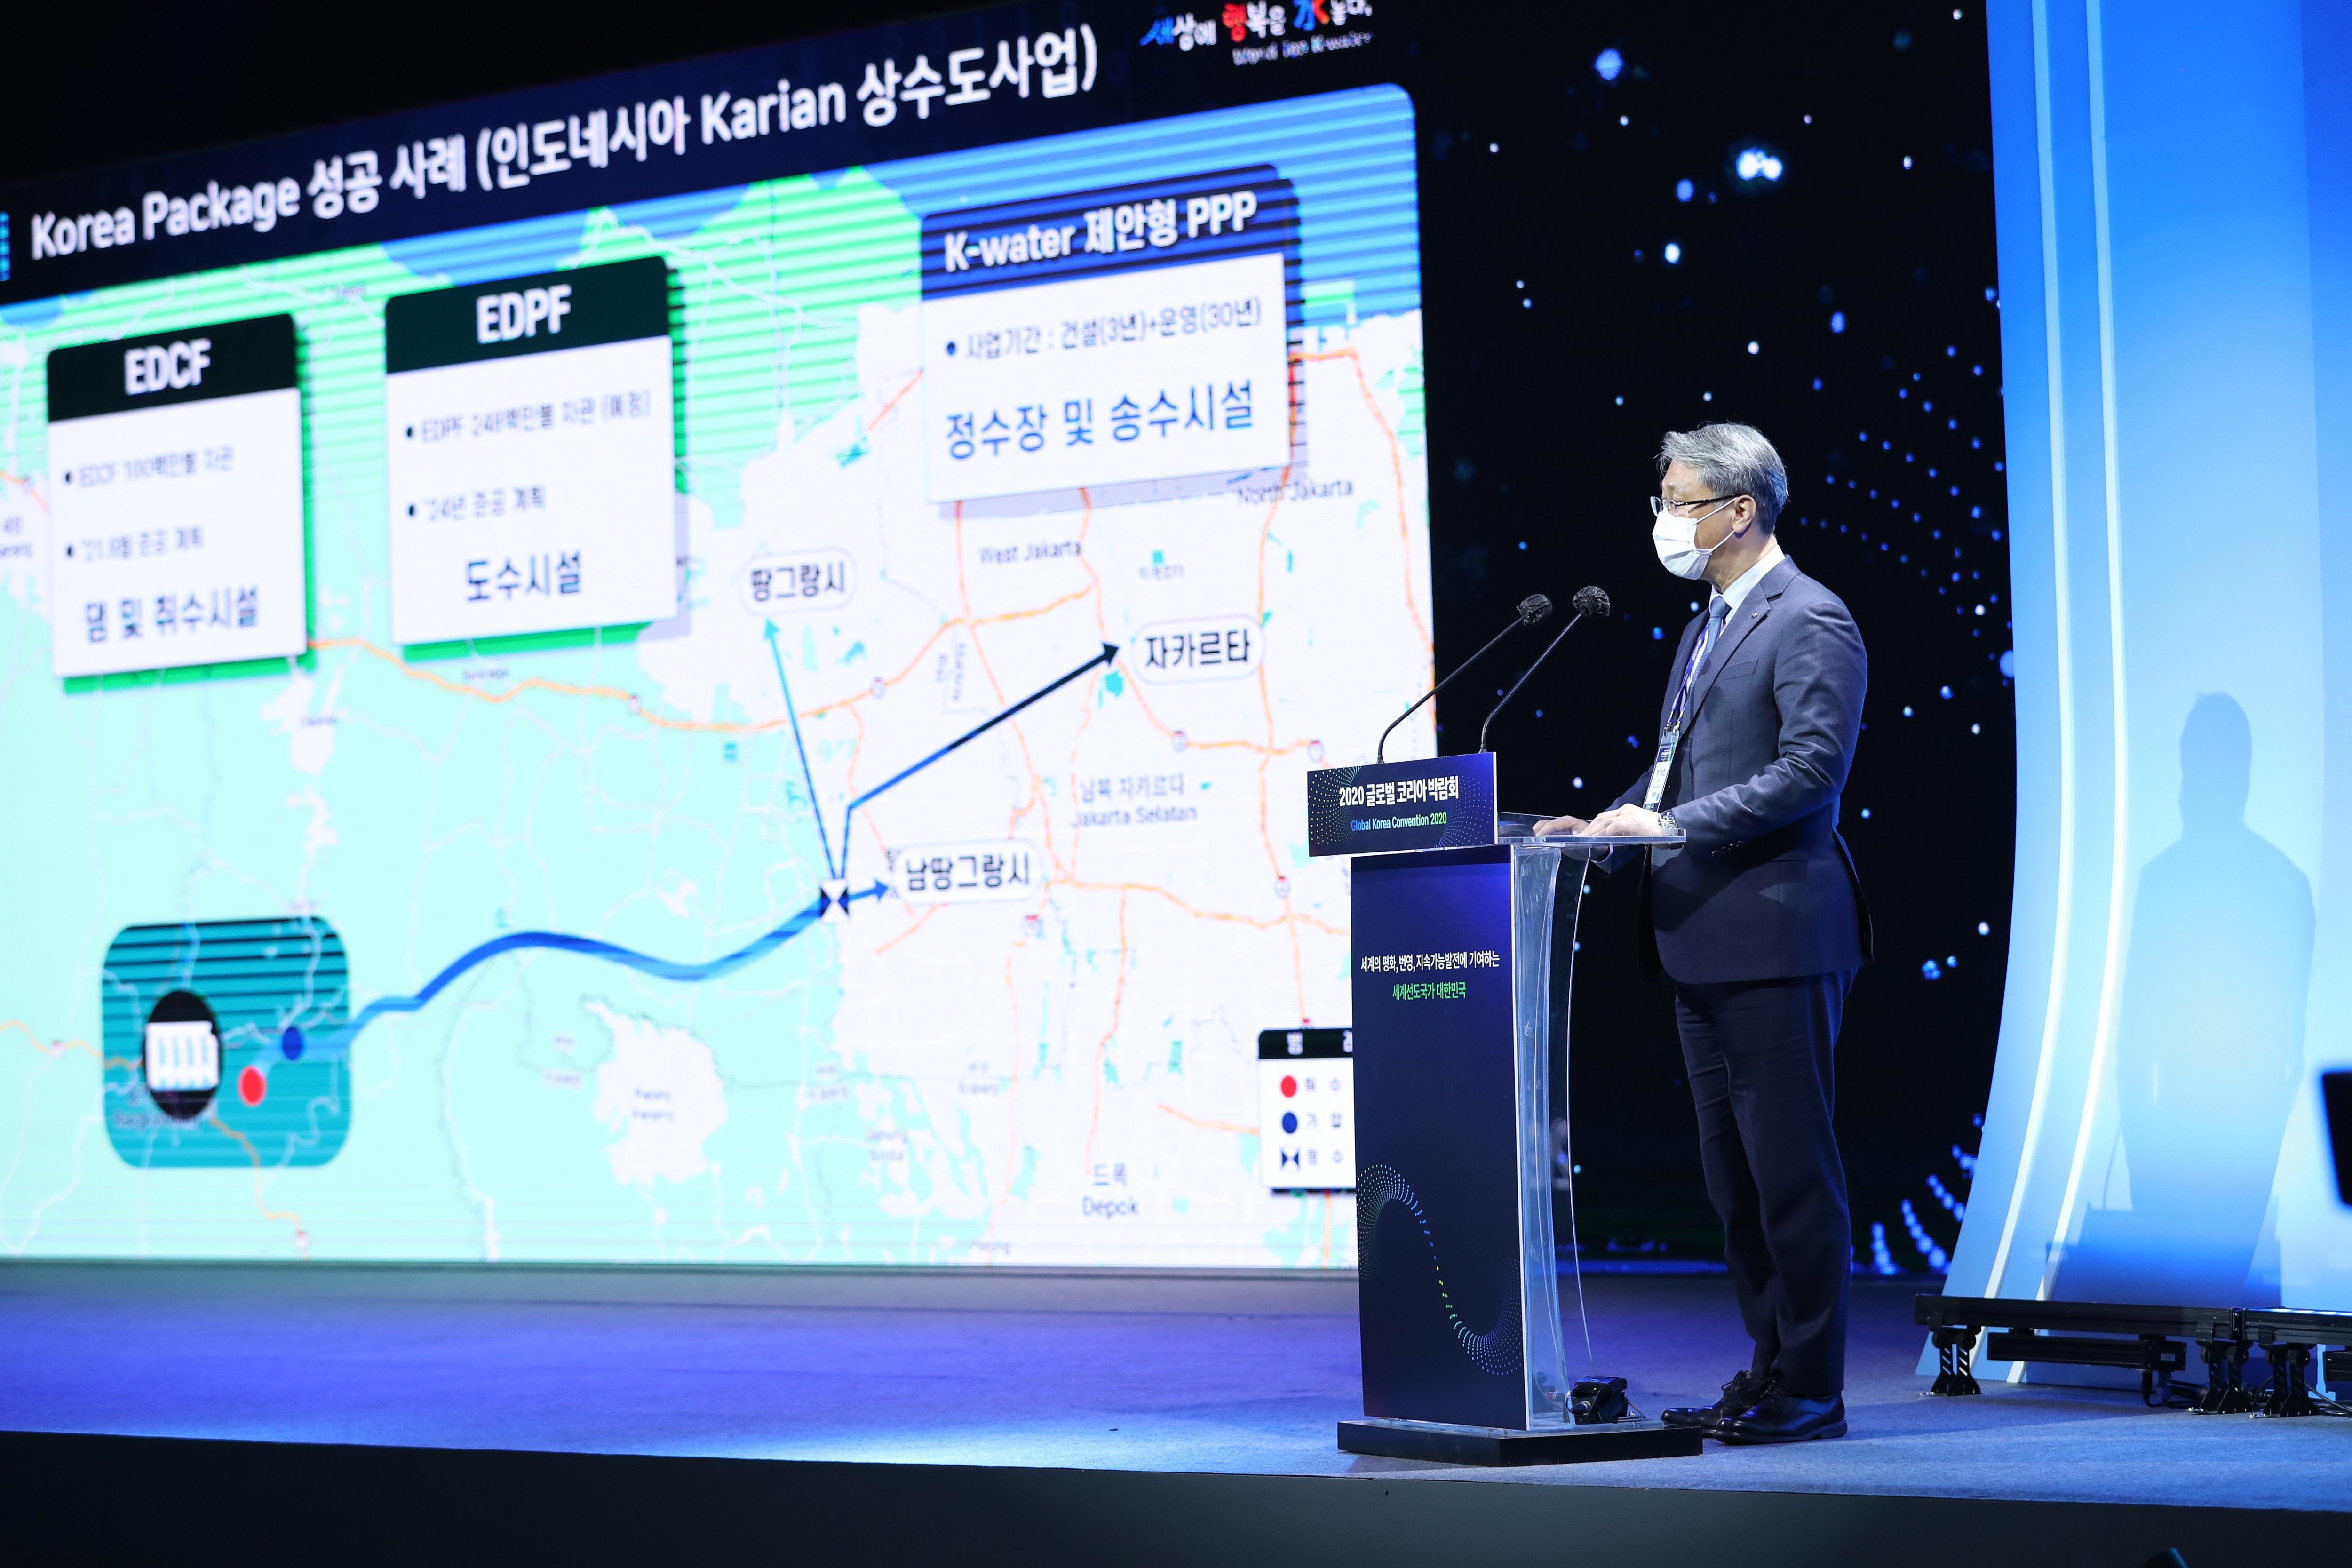 한국수자원공사, 신남방 이어 신북방과 협력 강화 나서 '2020 글로벌 코리아 박람회'에서 특별세션 등 운영